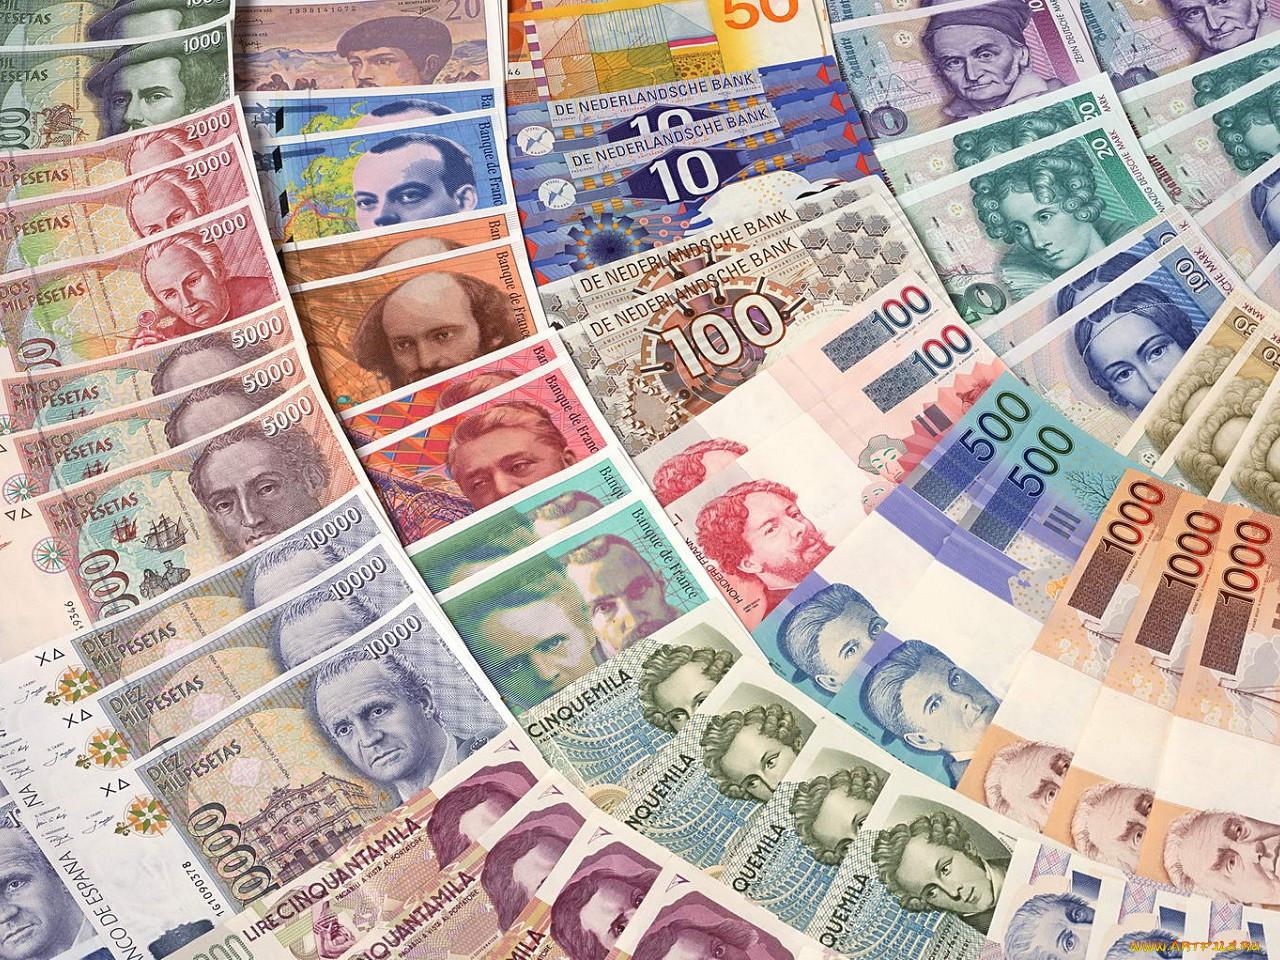 фото валют разных стран поза очень